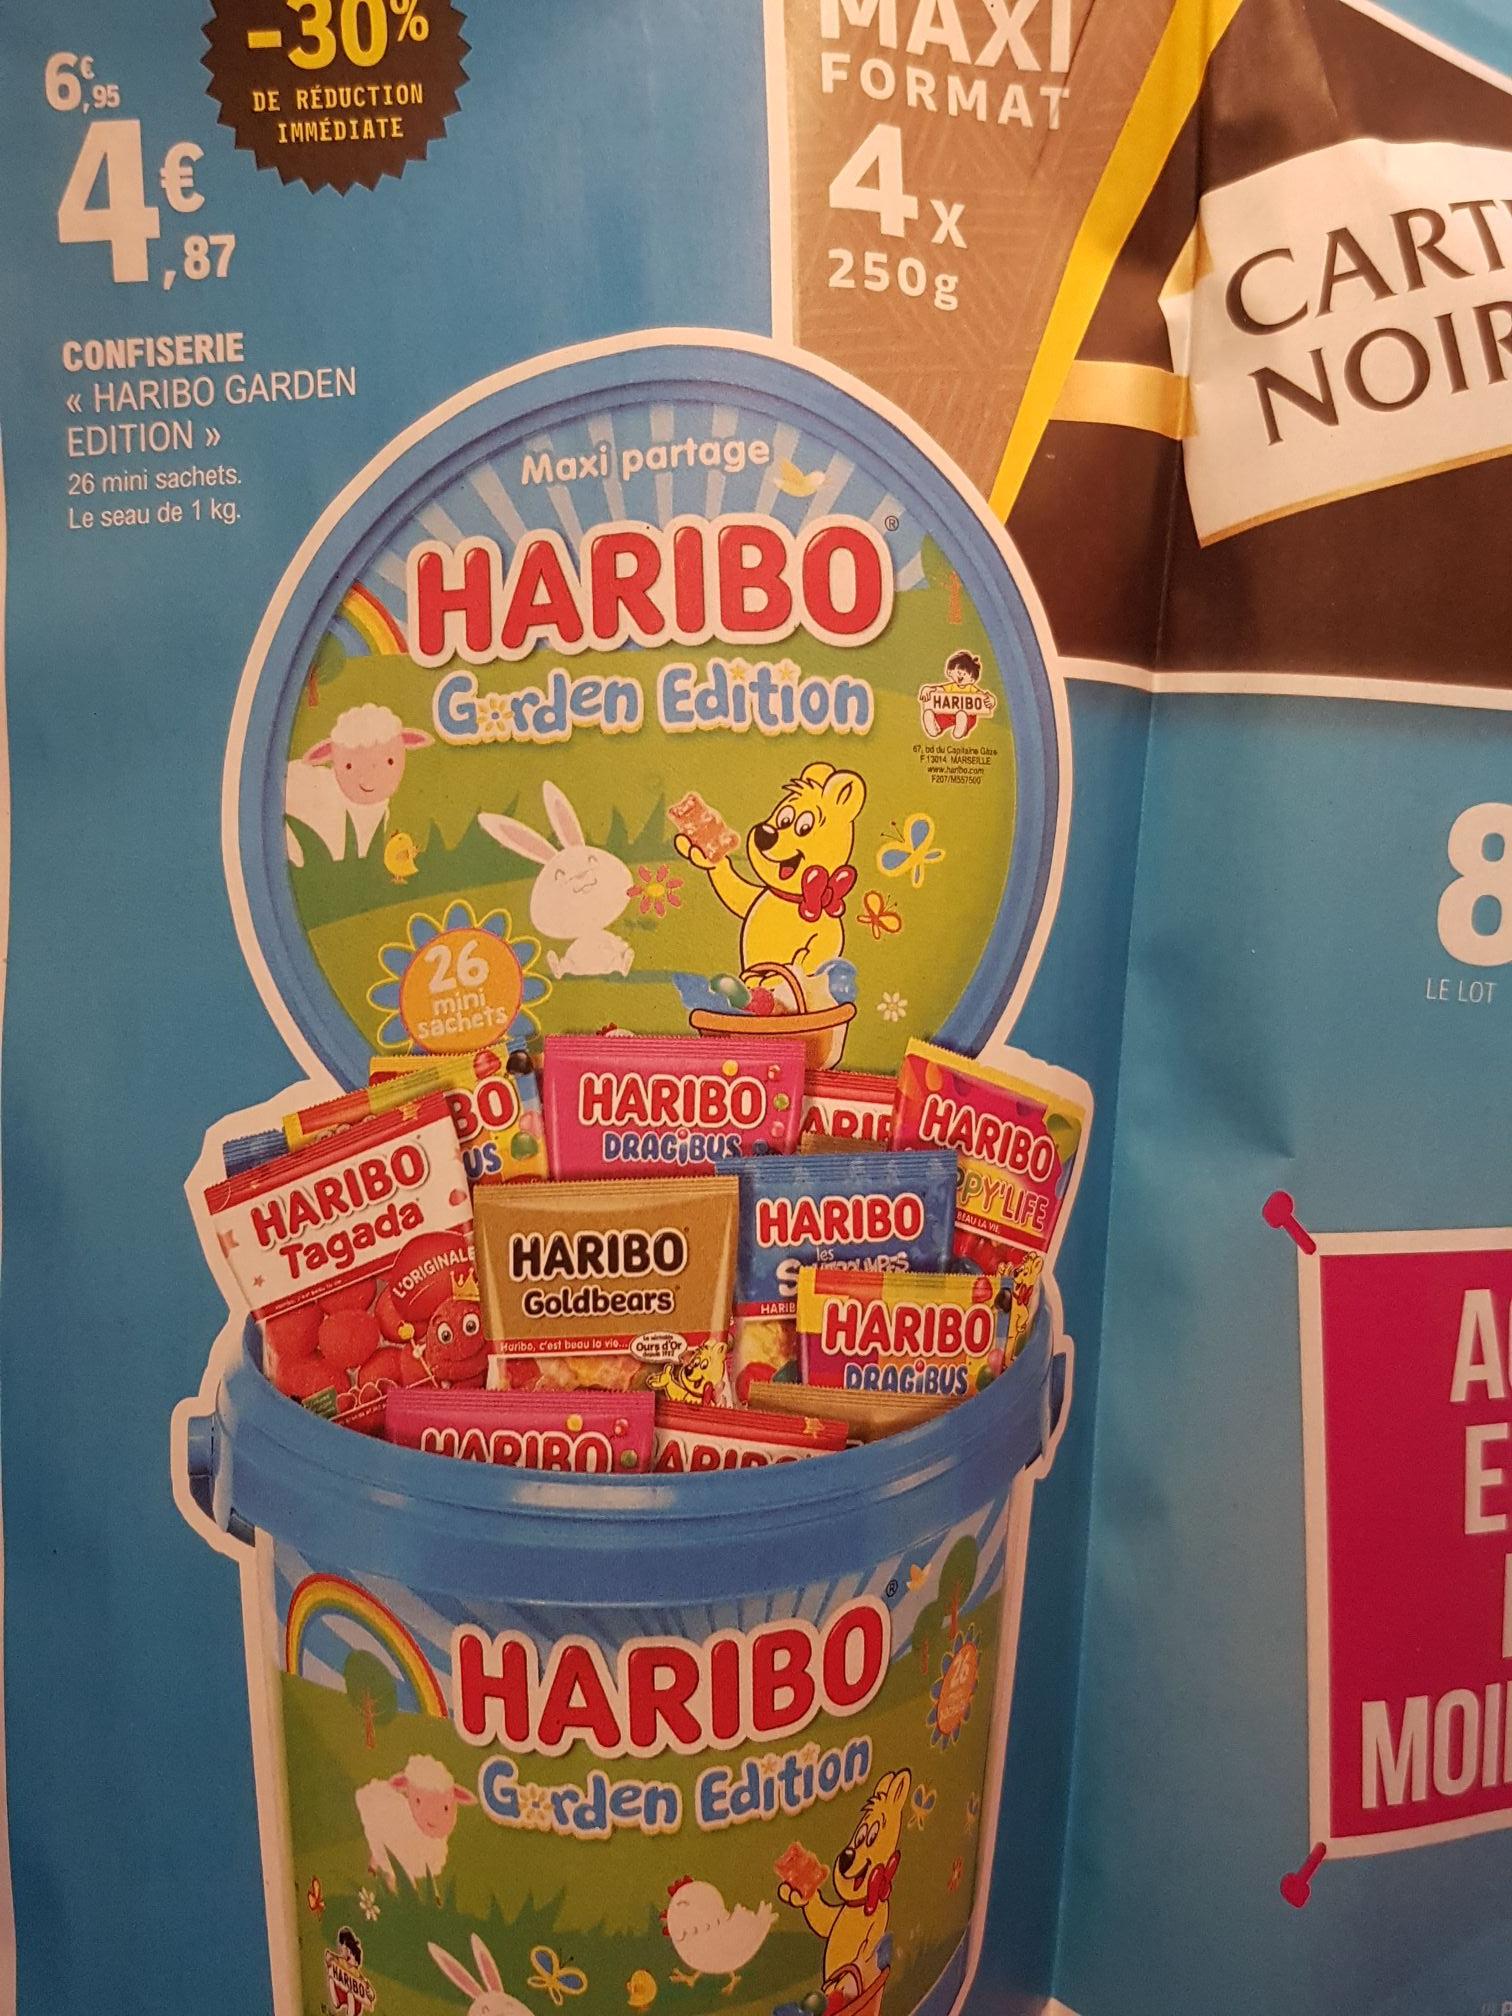 Bonbons Haribo Garden Édition - 26 Mini Sachets, Seau de 1Kg